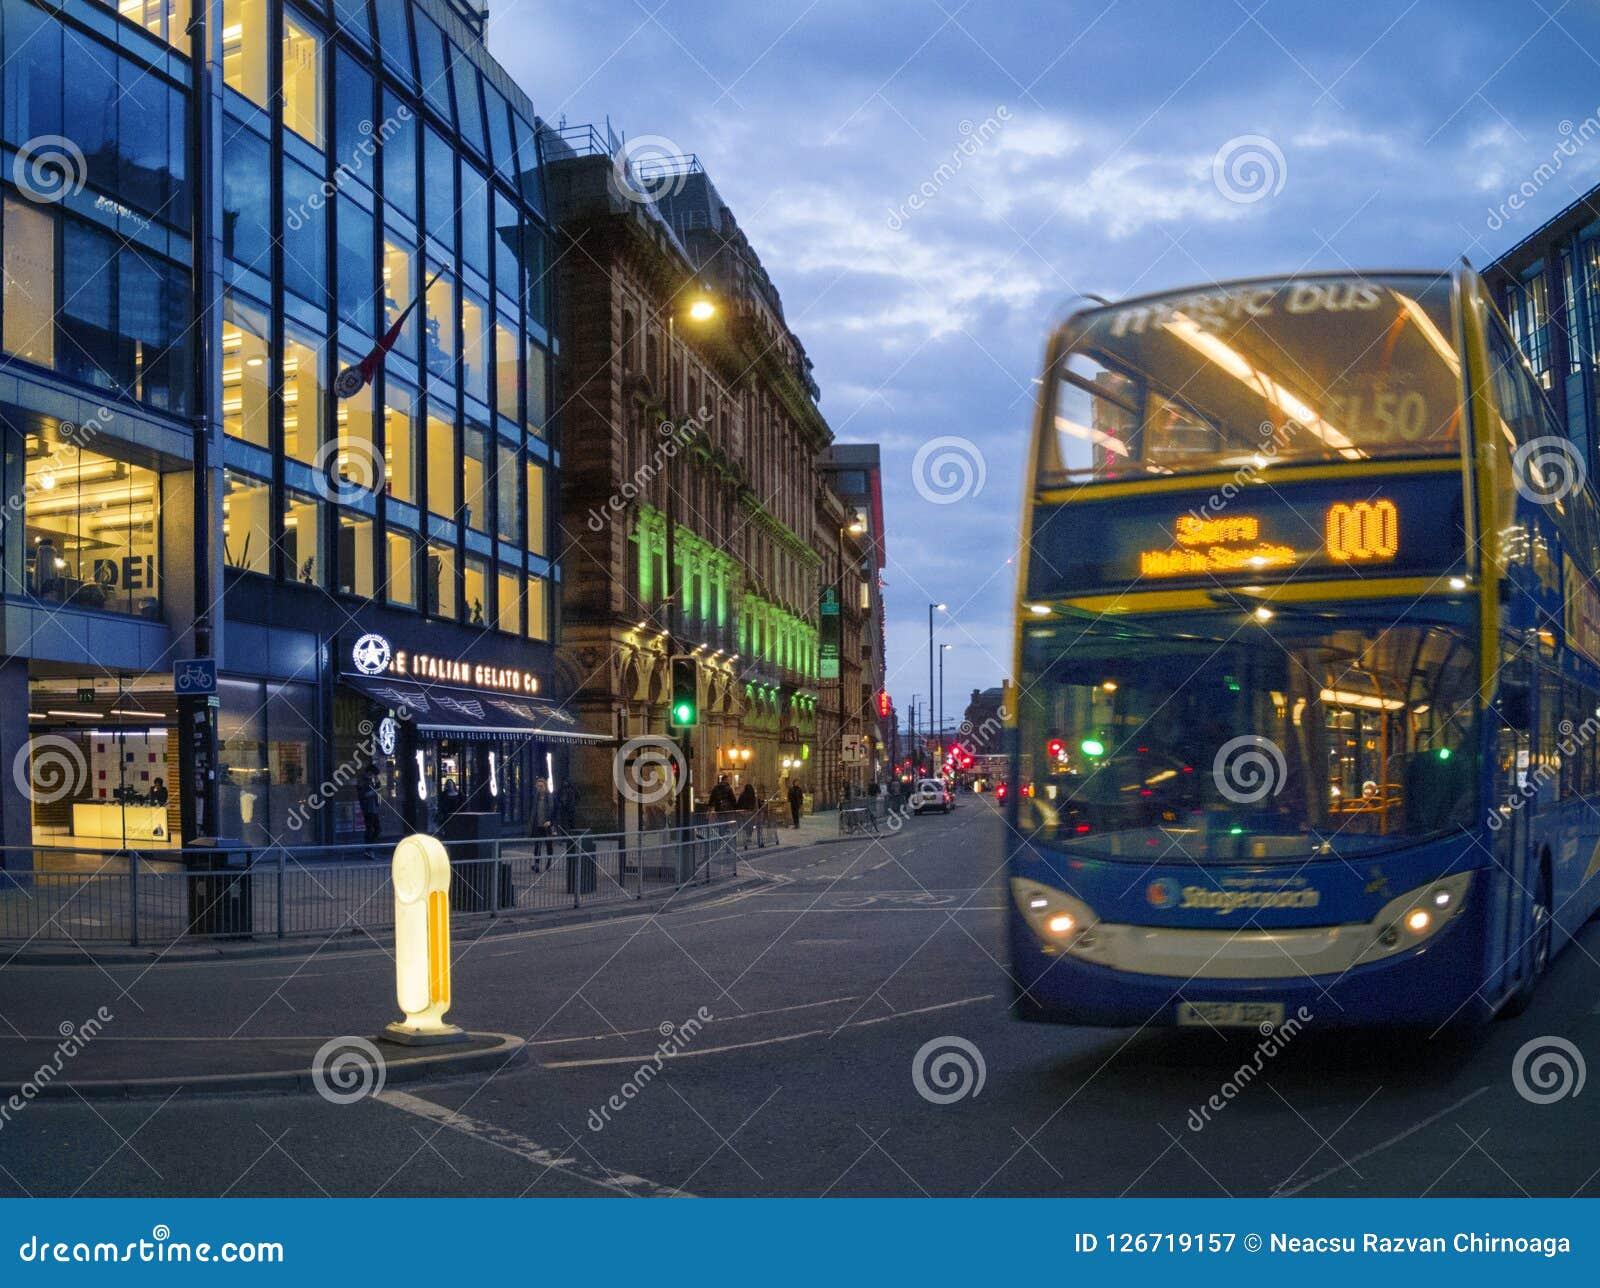 Οι άνθρωποι οδηγούν το λεωφορείο πόλεων JPT στο Μάντσεστερ,